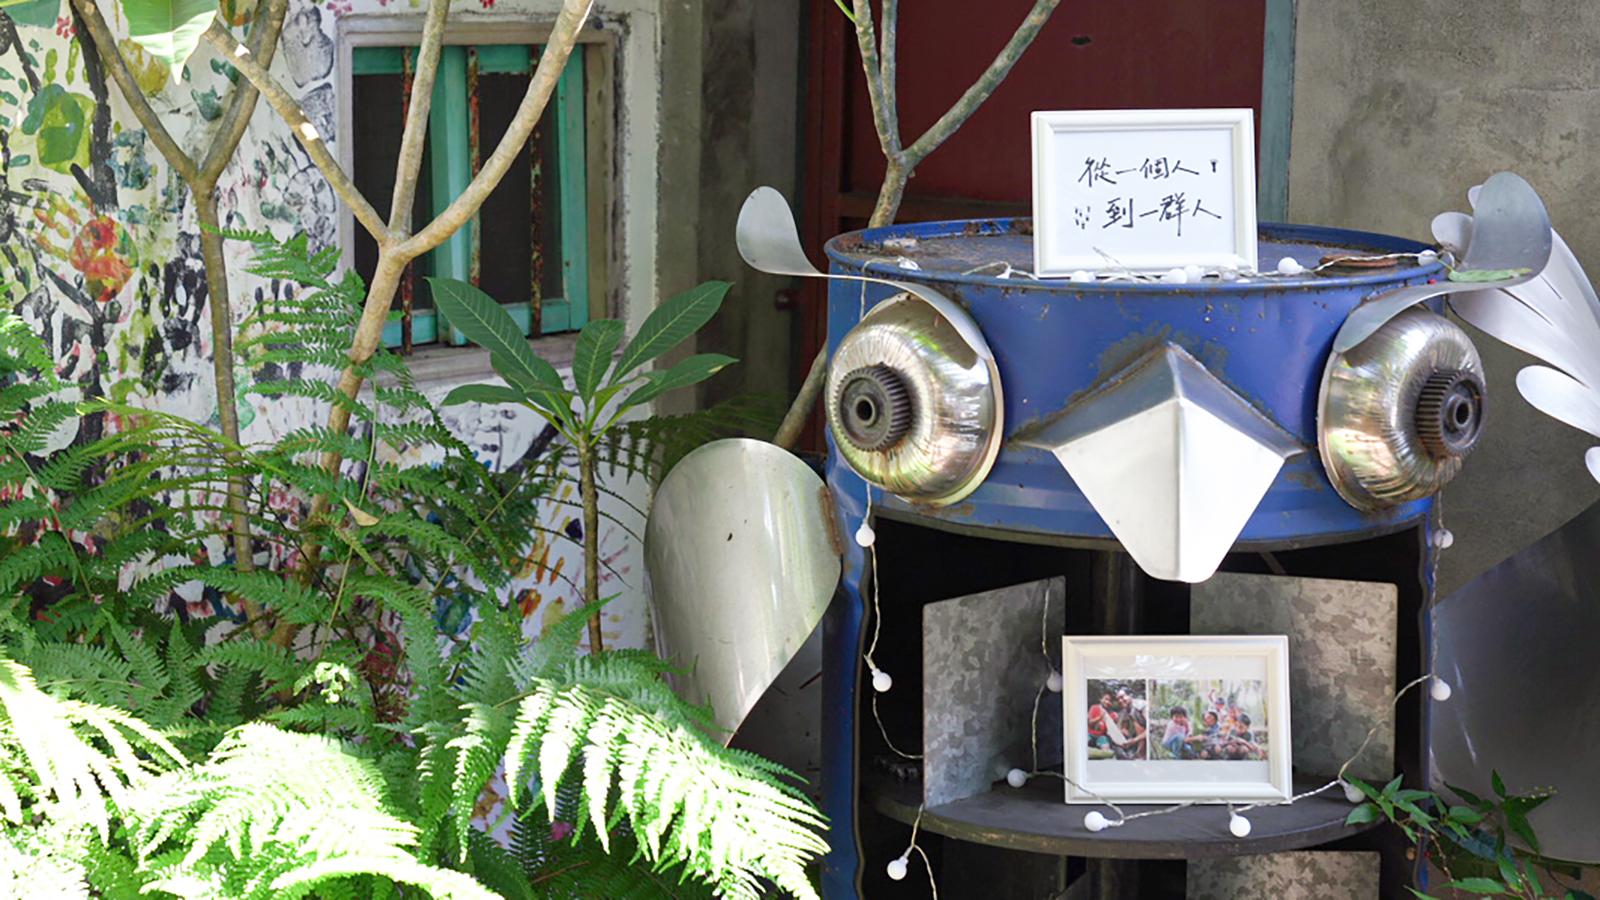 漫步回到甘樂食堂,我們準備了充滿溫度的十年相片展,從院子入口開始敘述2006年成立的絲瓜小隊,慢慢的從一個人到現在一群人的甘樂文創,接著與職人、夥伴、土地、甘樂誌的歷程給與大家視覺的饗宴,以及由鳴之花宇的花藝設計師洪淳羚老師,為派對帶來溫暖綻放的美麗花藝,接下來我們將十年故事入菜,由飲食旅遊作家徐銘志與甘樂食堂夥伴,攜手共創充滿十年故事記憶的料理。  | 甘樂文創 | 甘之如飴,樂在其中